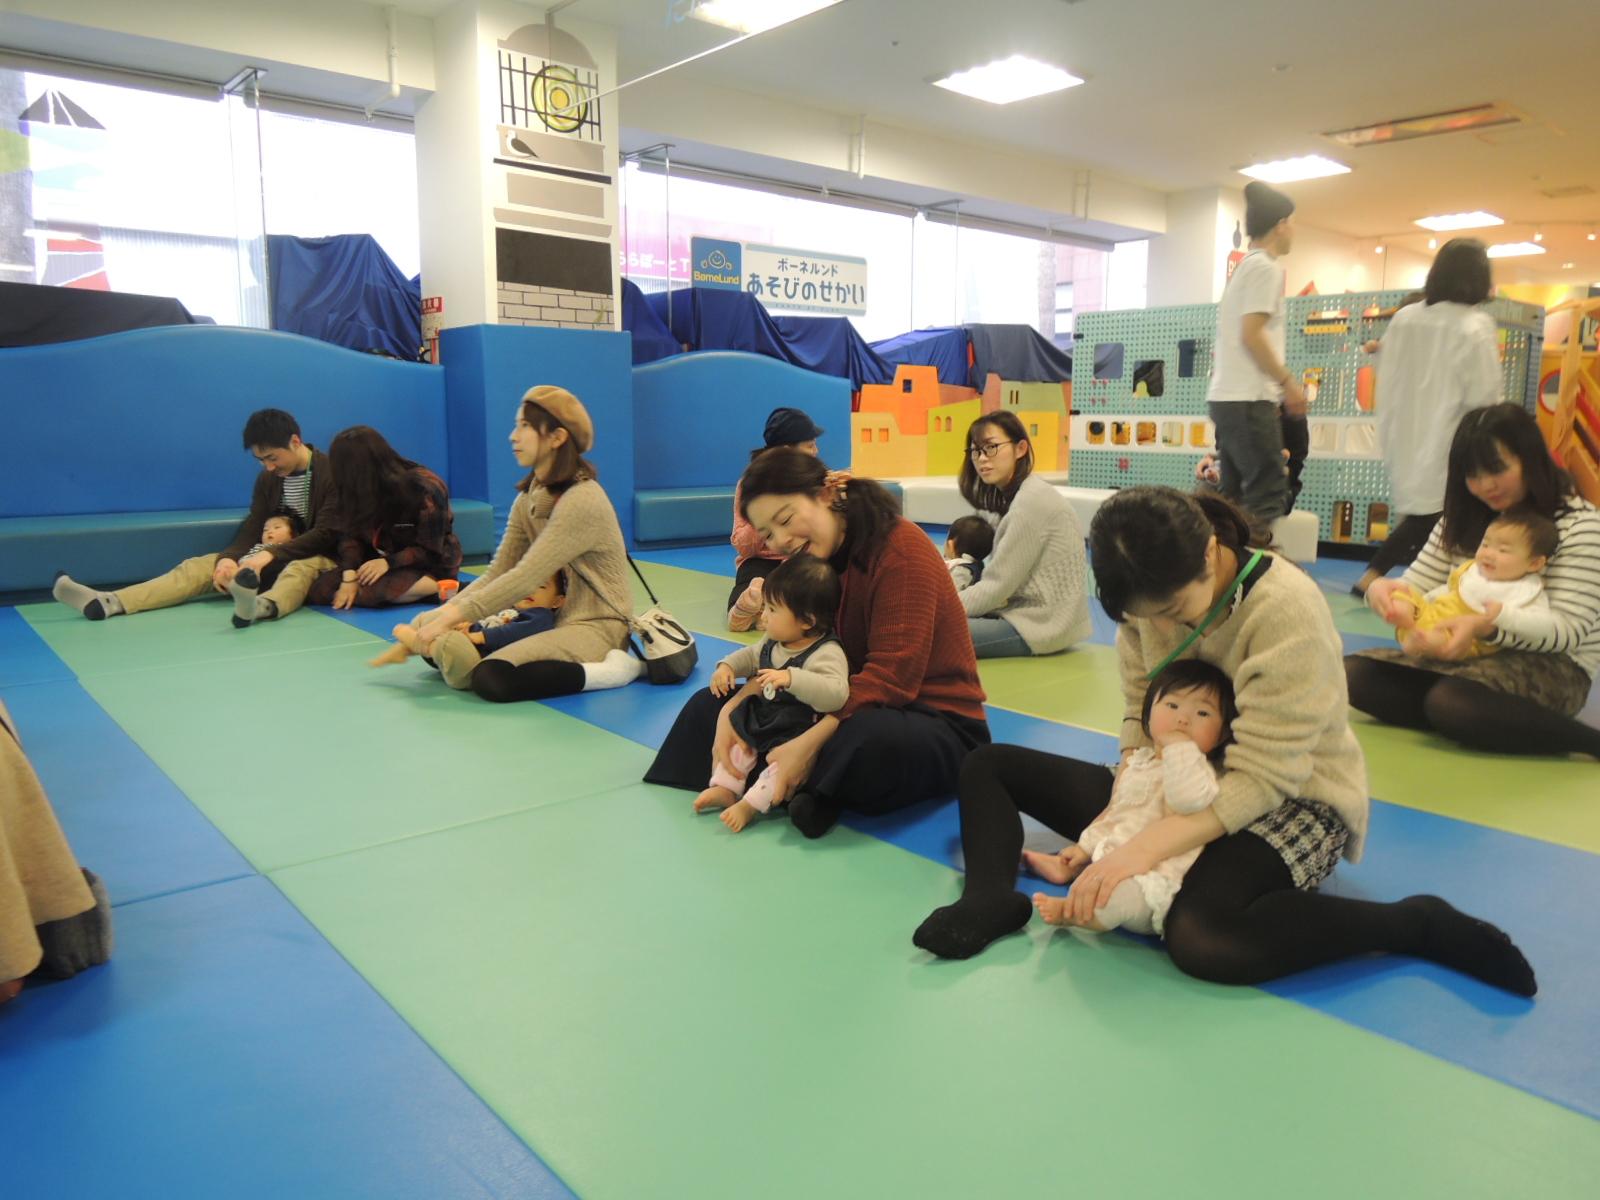 2/15赤ちゃんの日イベント報告 ハイハイレース